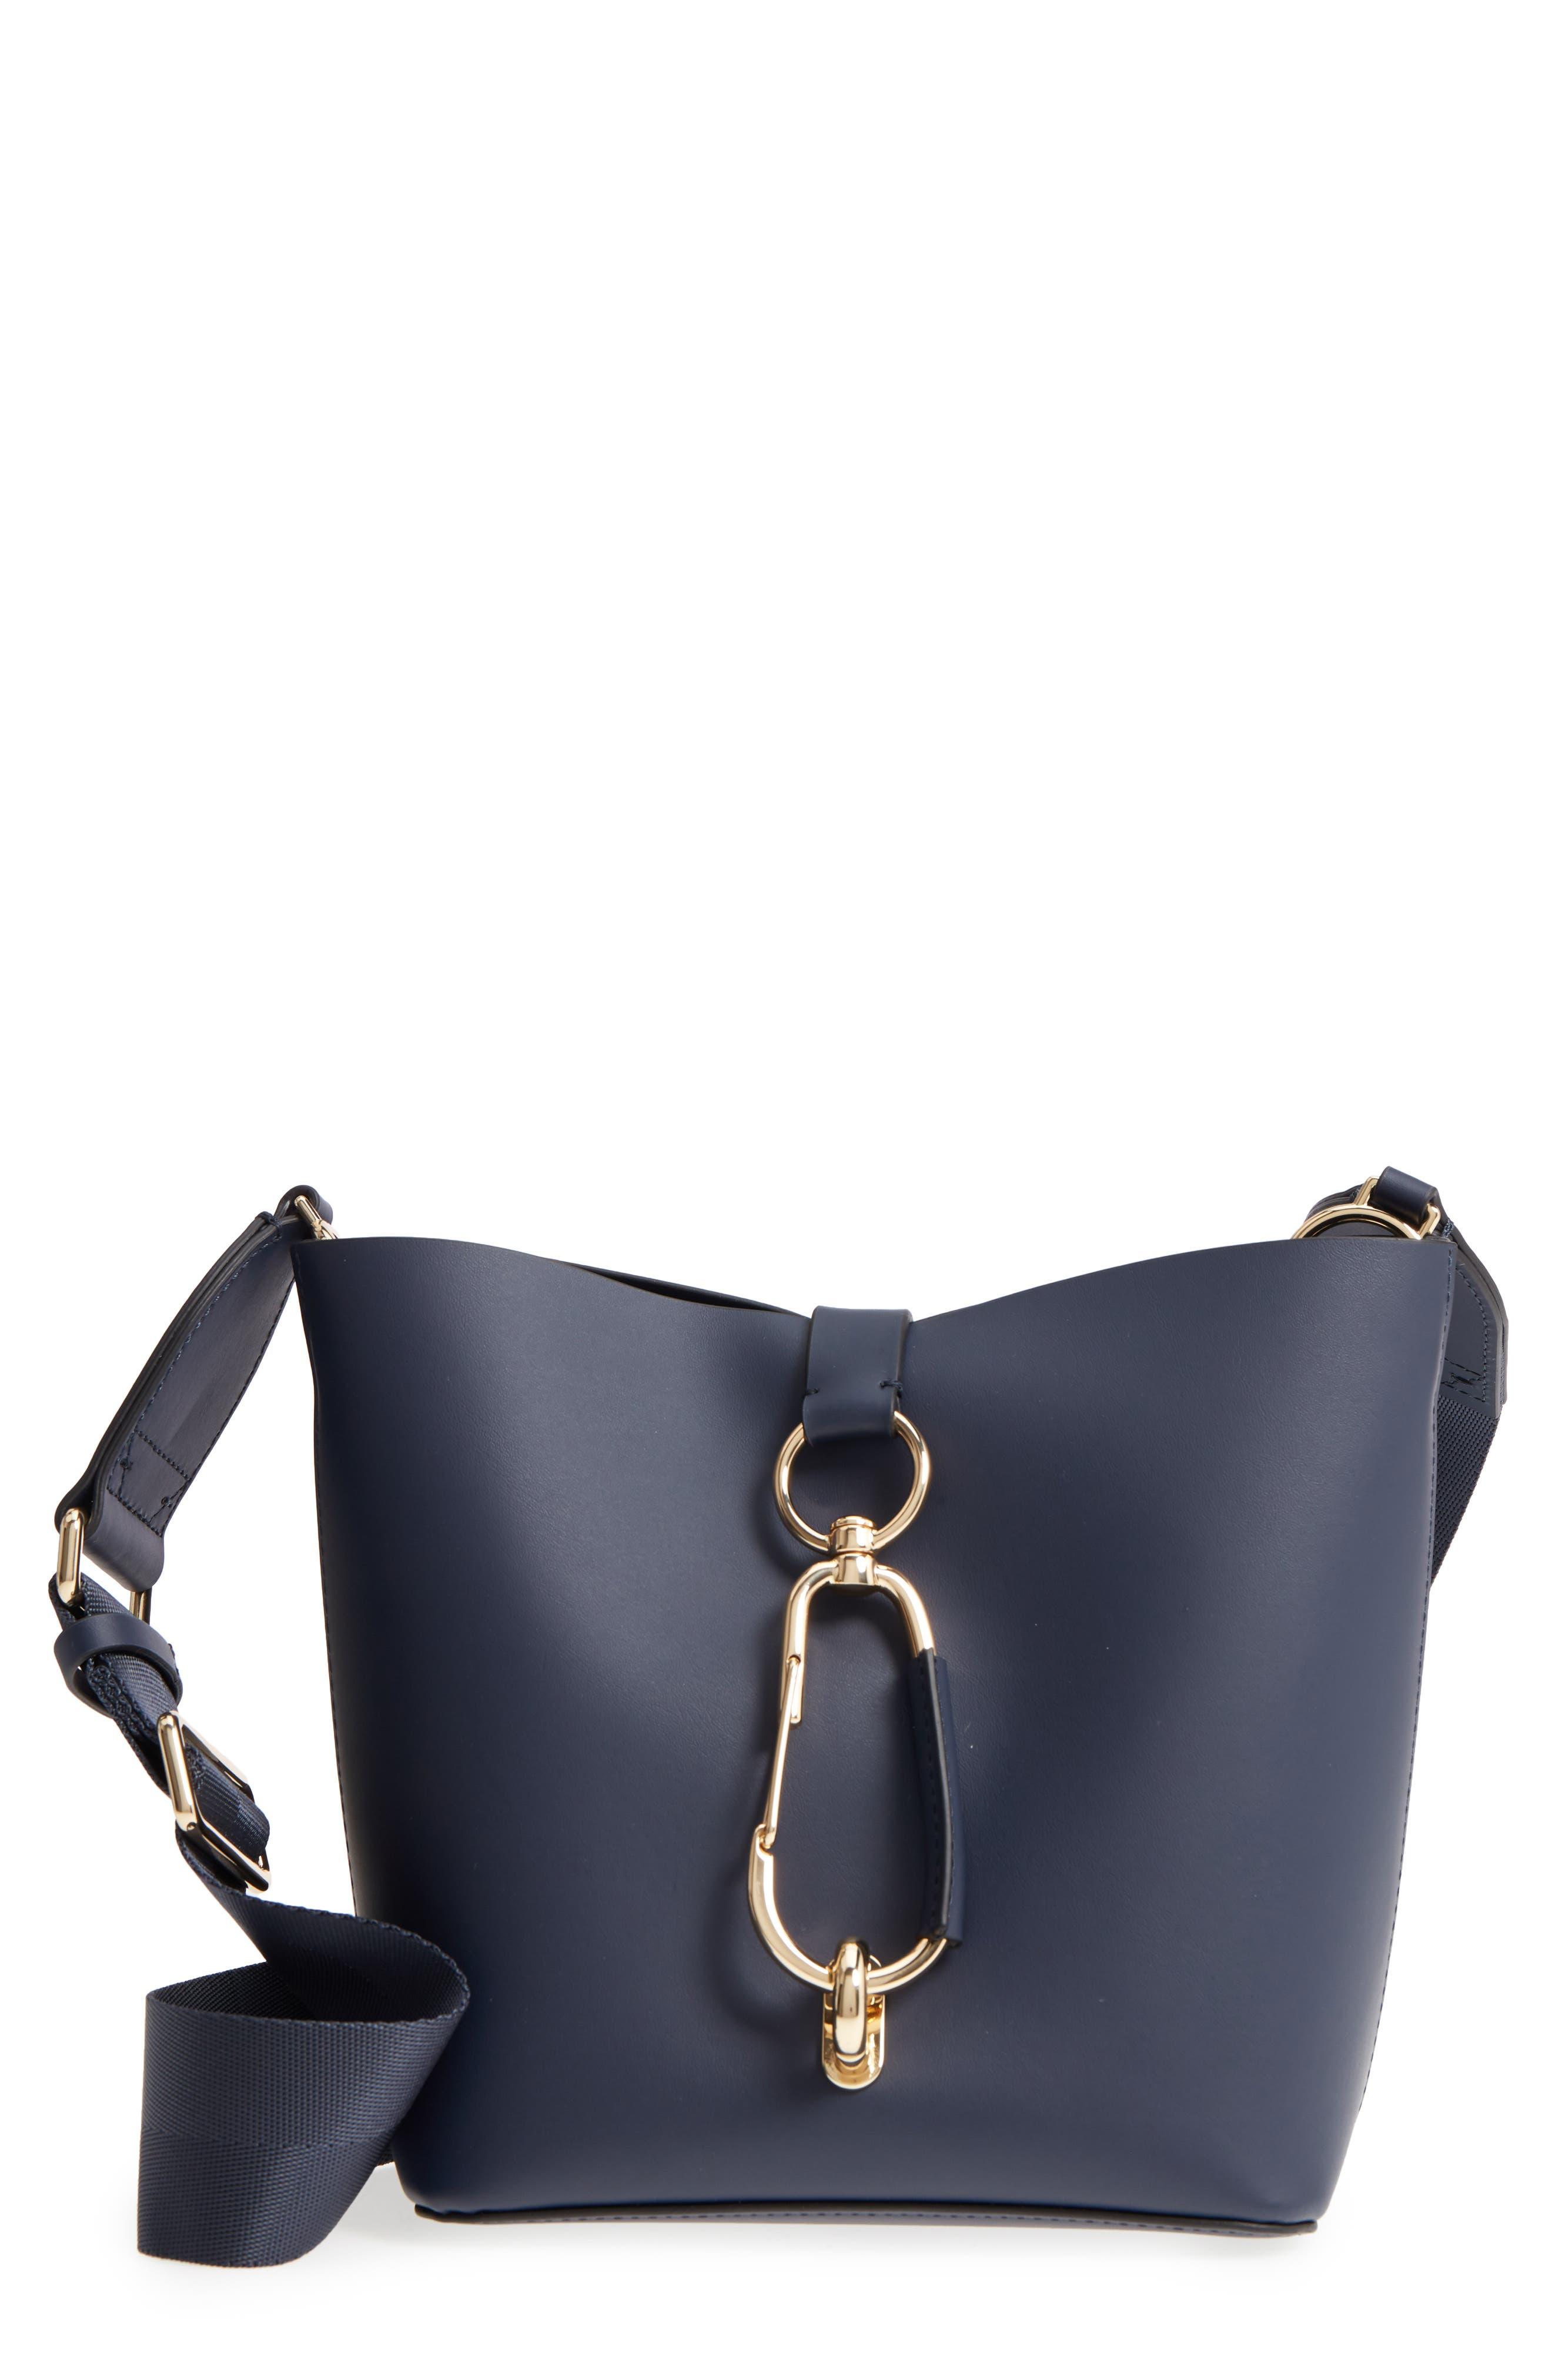 ZAC Zac Posen Belay Small Leather Hobo Bag